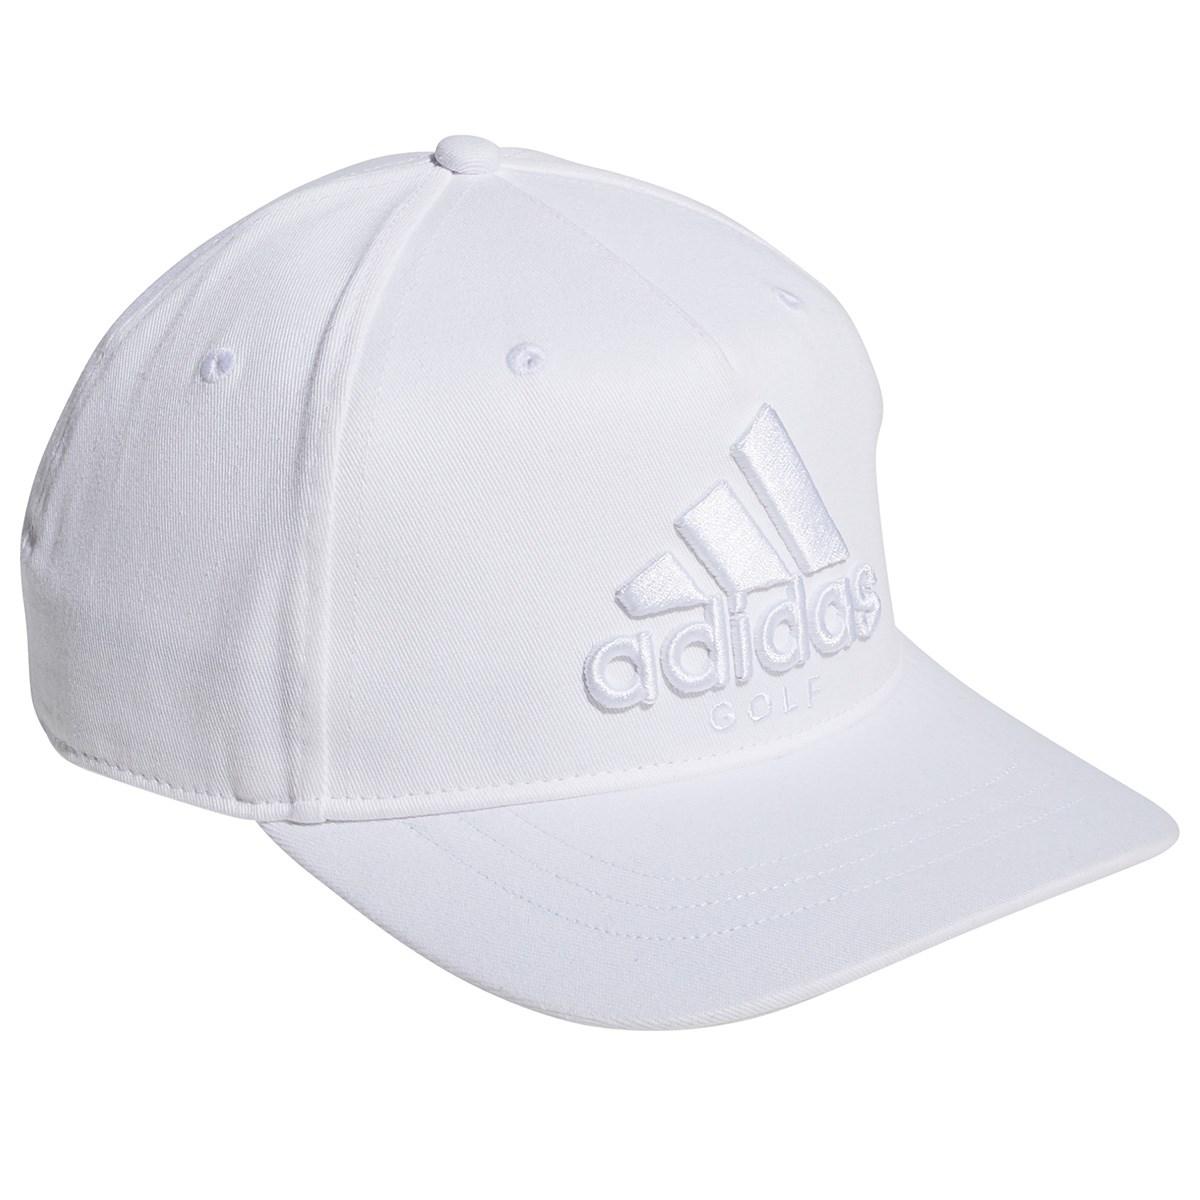 アディダス Adidas トーナルロゴ フラットブリム キャップ OSFX ホワイト